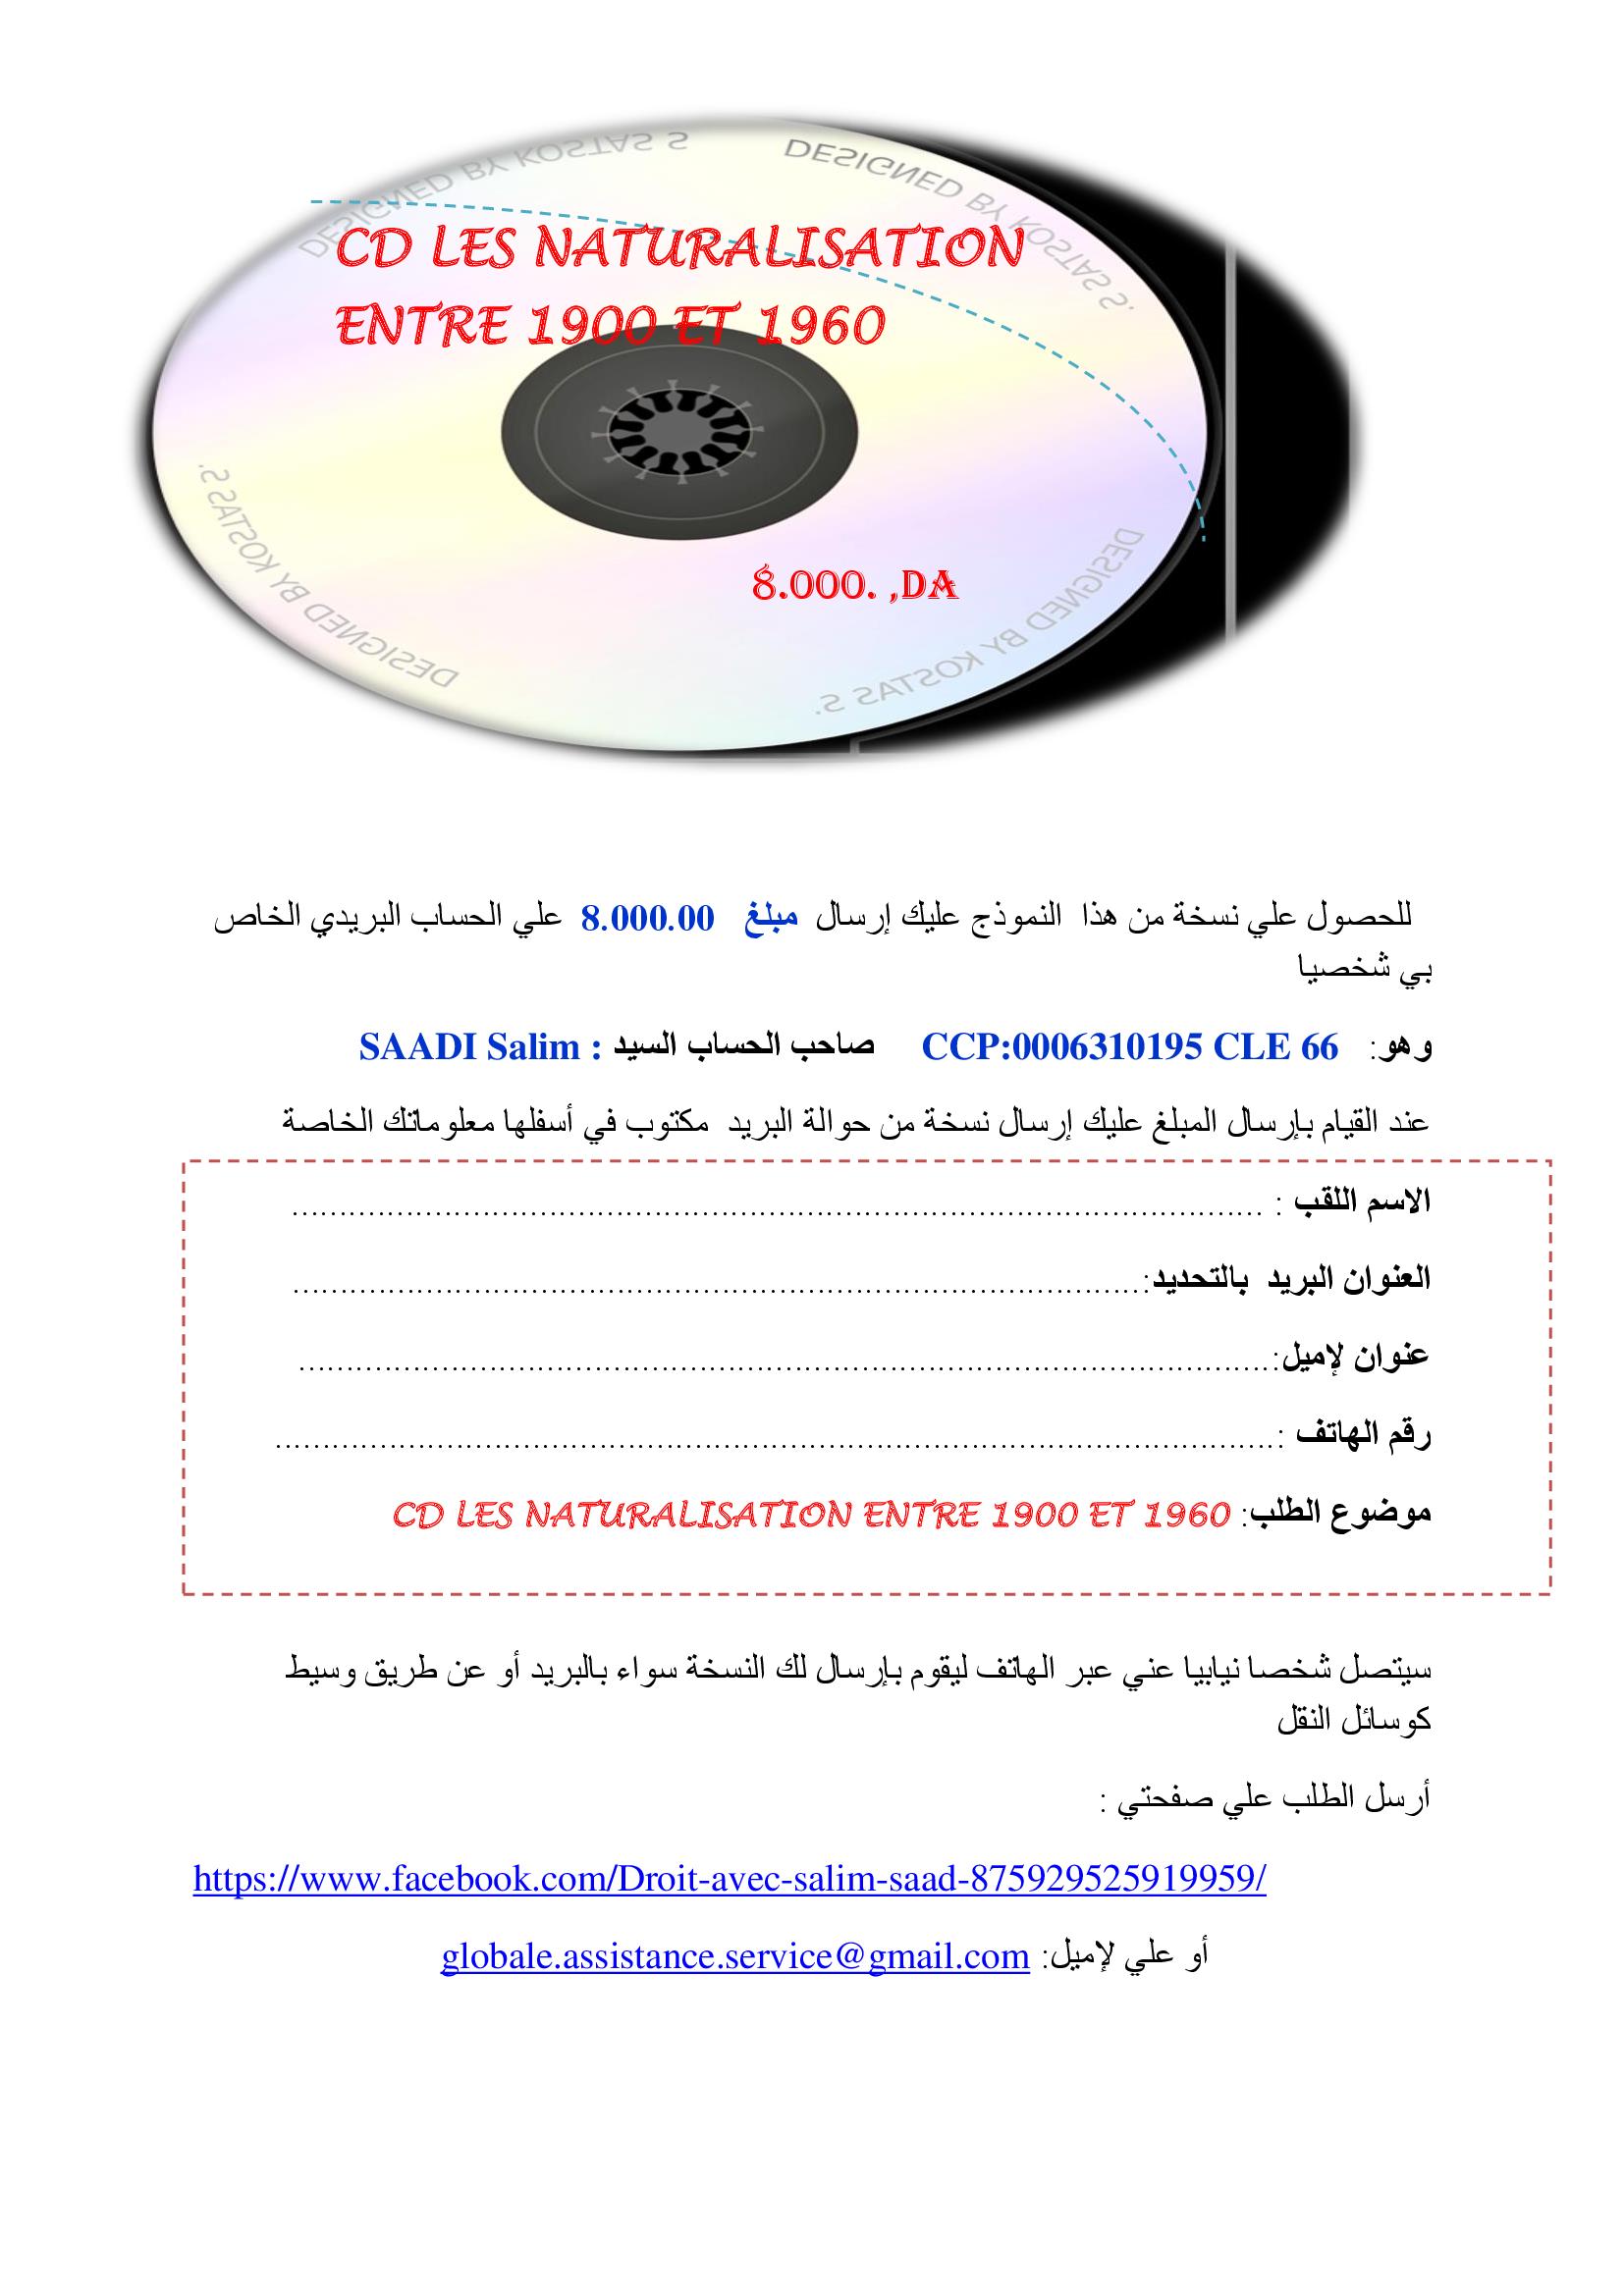 CD ET 1960 ENTRE LES NATURALISATIONS 1900 TÉLÉCHARGER